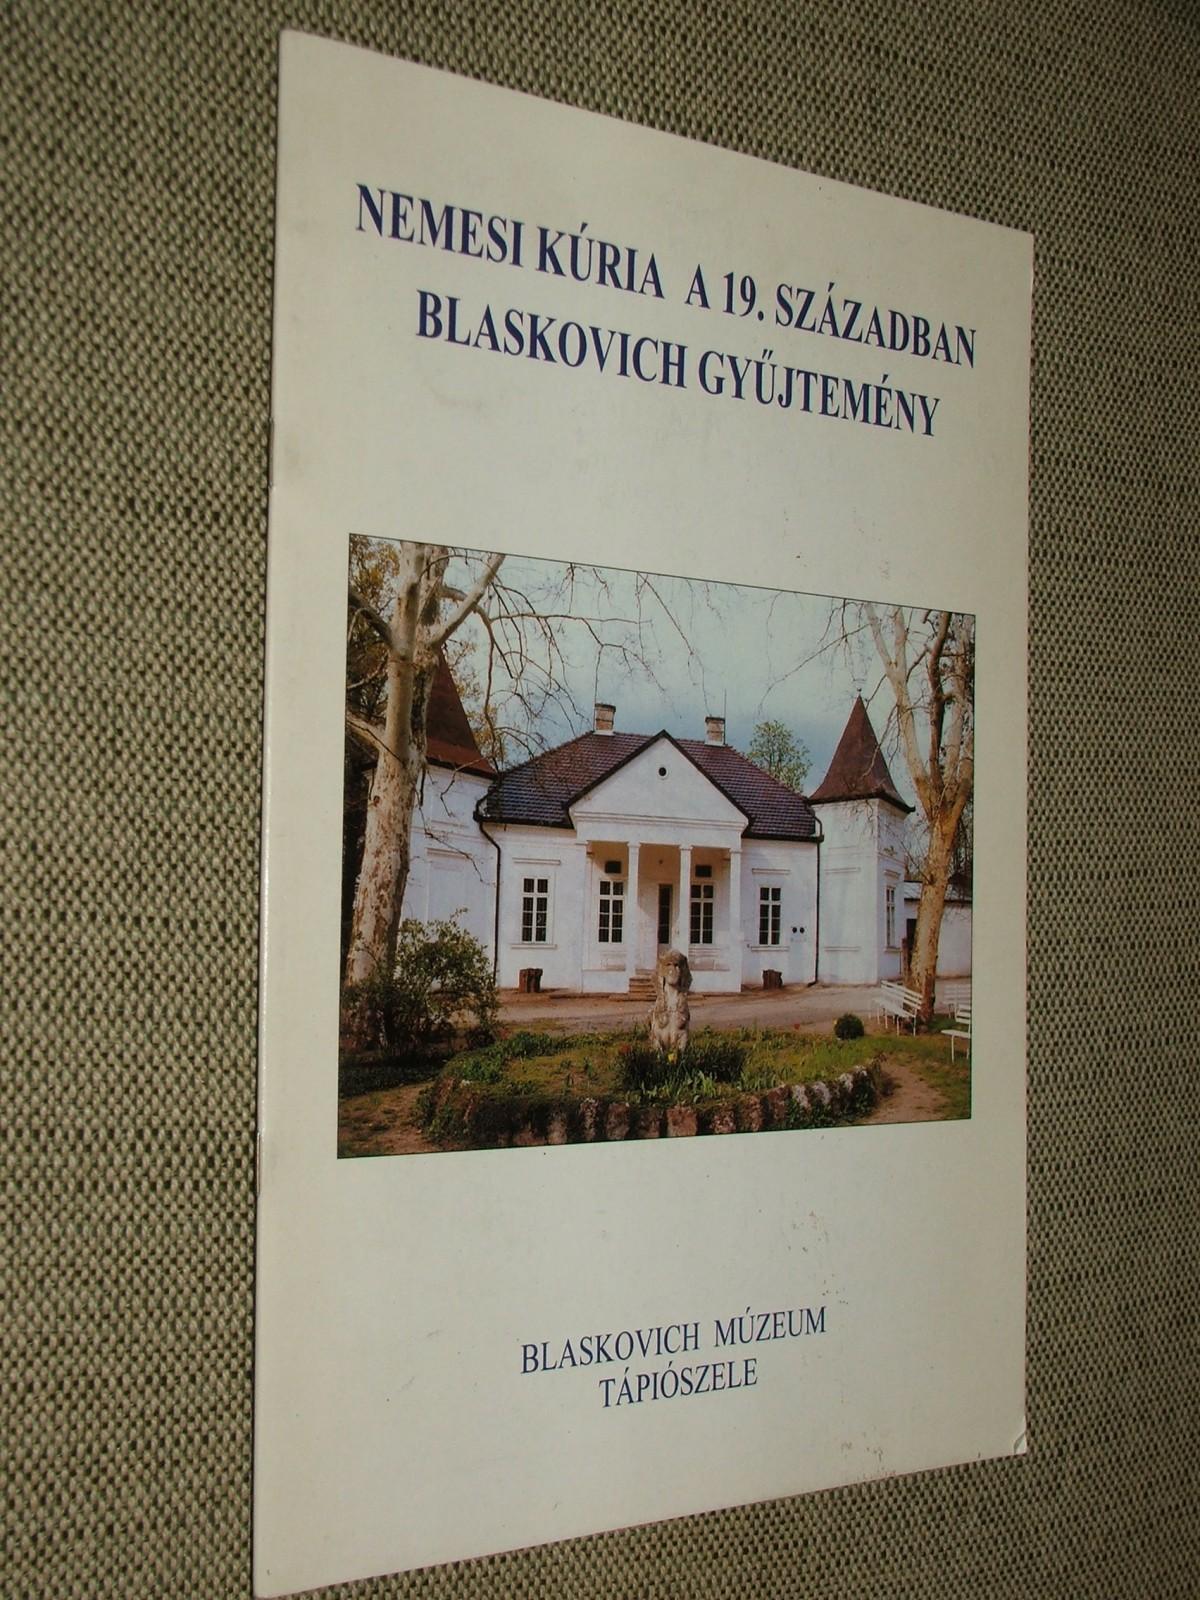 (GOCSÁNÉ MÓRÓ Csilla): Nemesi kúria a 19. században Blaskovich gyűjtemény